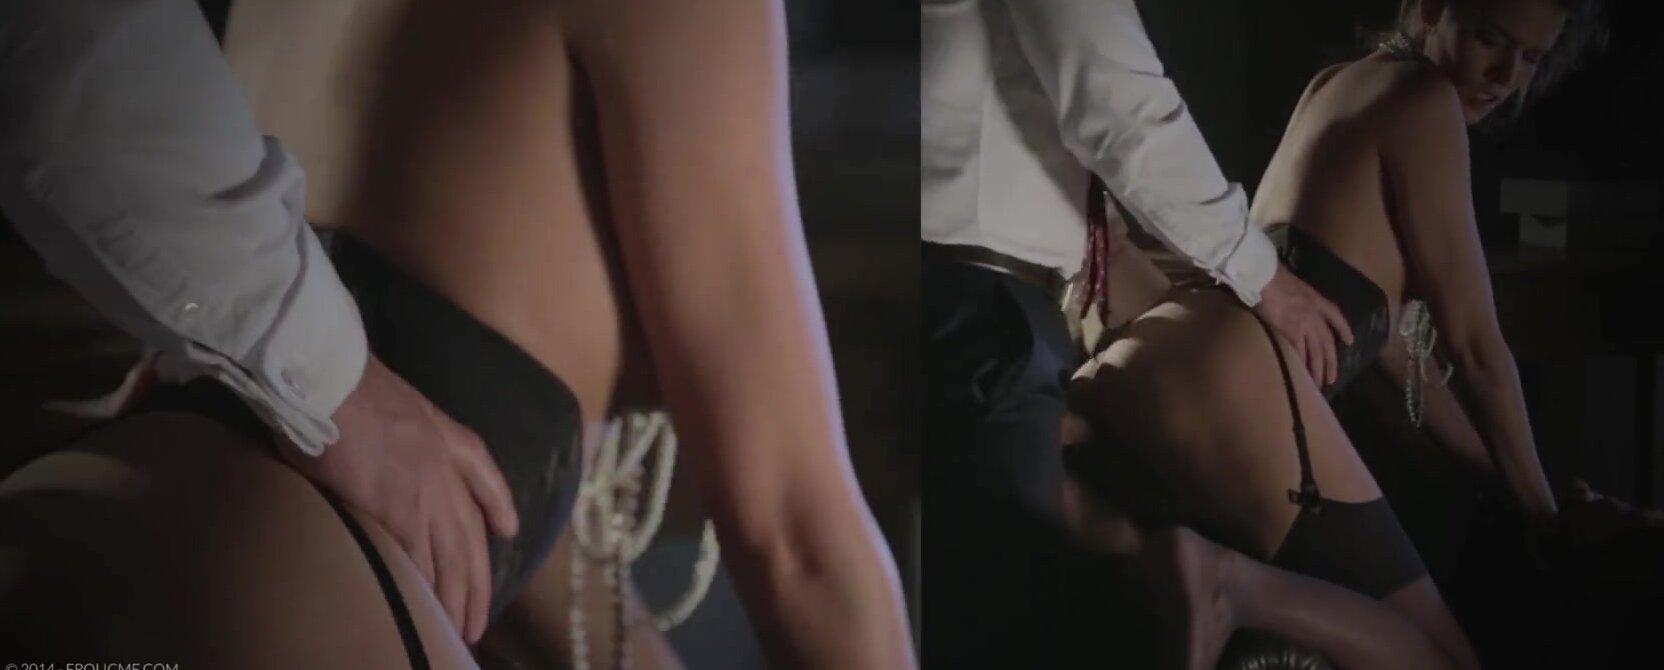 Симпатичная И Горячая Студентка  Amia Moretti   Трахается С Парнем И Отсасывает Его Член Перед Фото Камерами Порно Фото